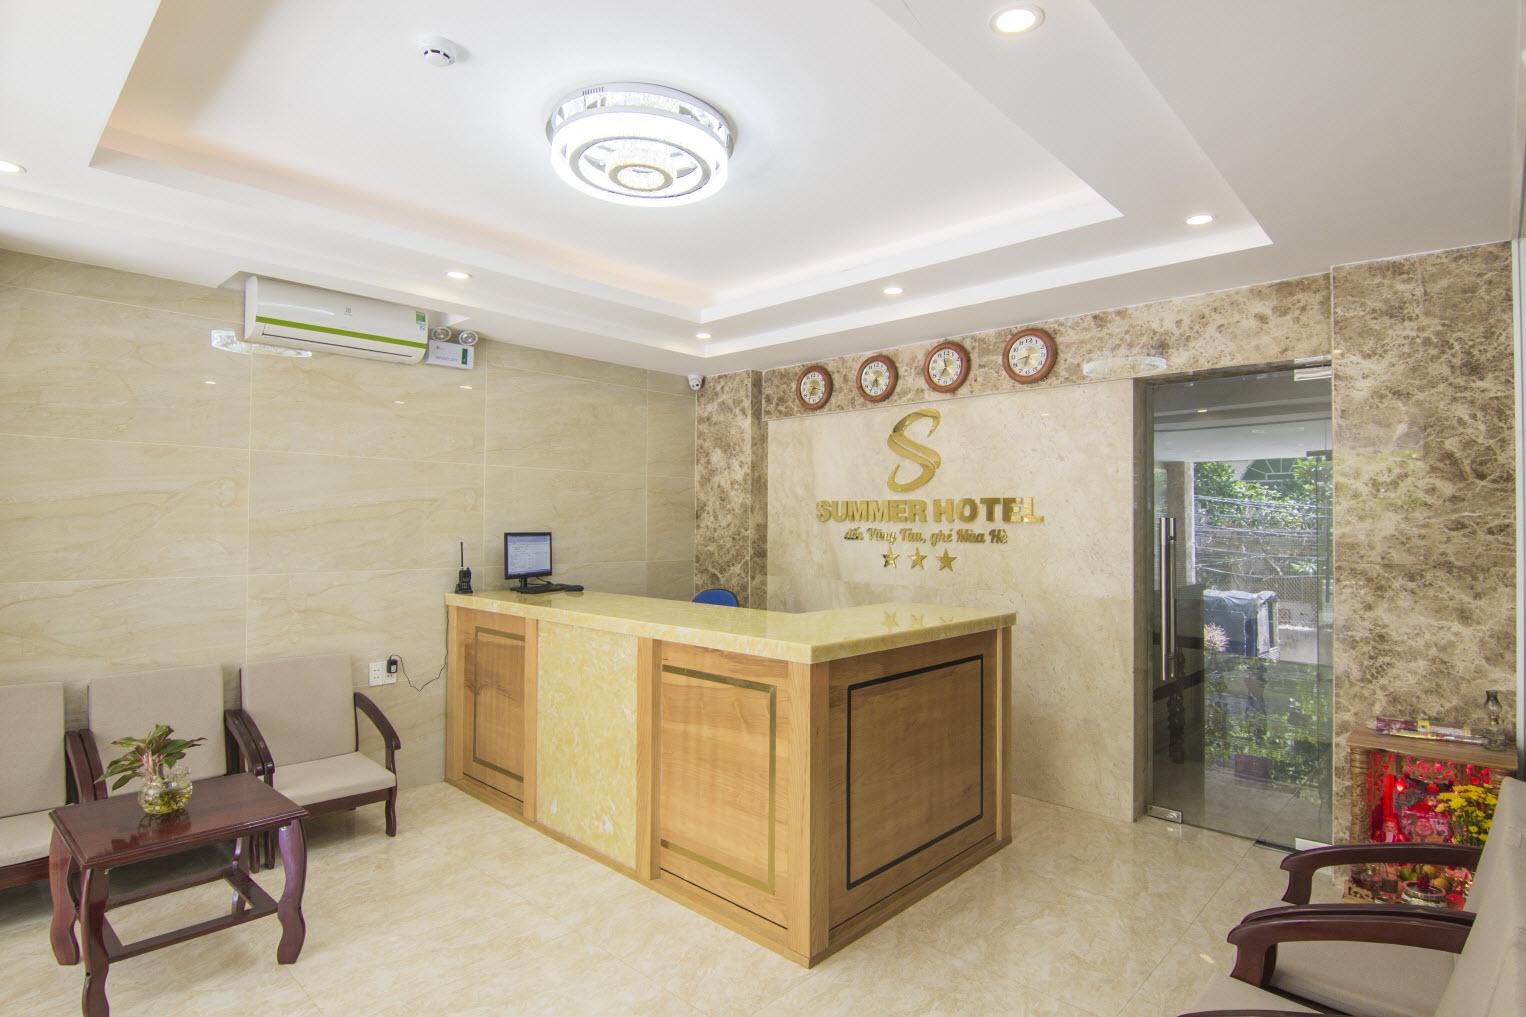 Với 45 phòng được xây dựng theo phong cách Á Đông chúng tôi tự hào là một trong những khách sạn tiện nghi và hiện đại nổi tiếng tại thành phố biển Vũng Tàu.